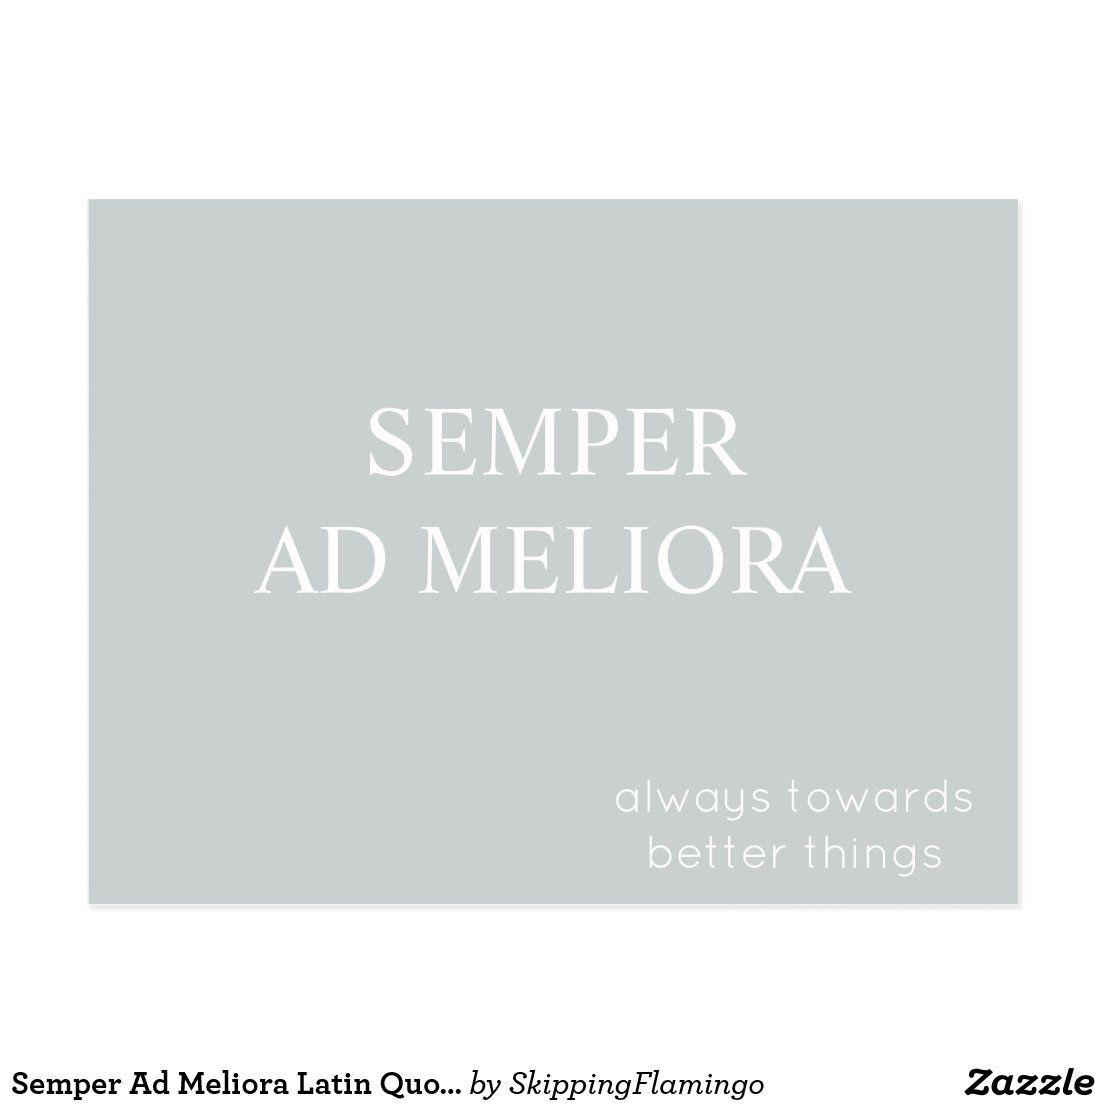 Semper Ad Meliora Latin Quote Gray Postcard | Zazzle.com